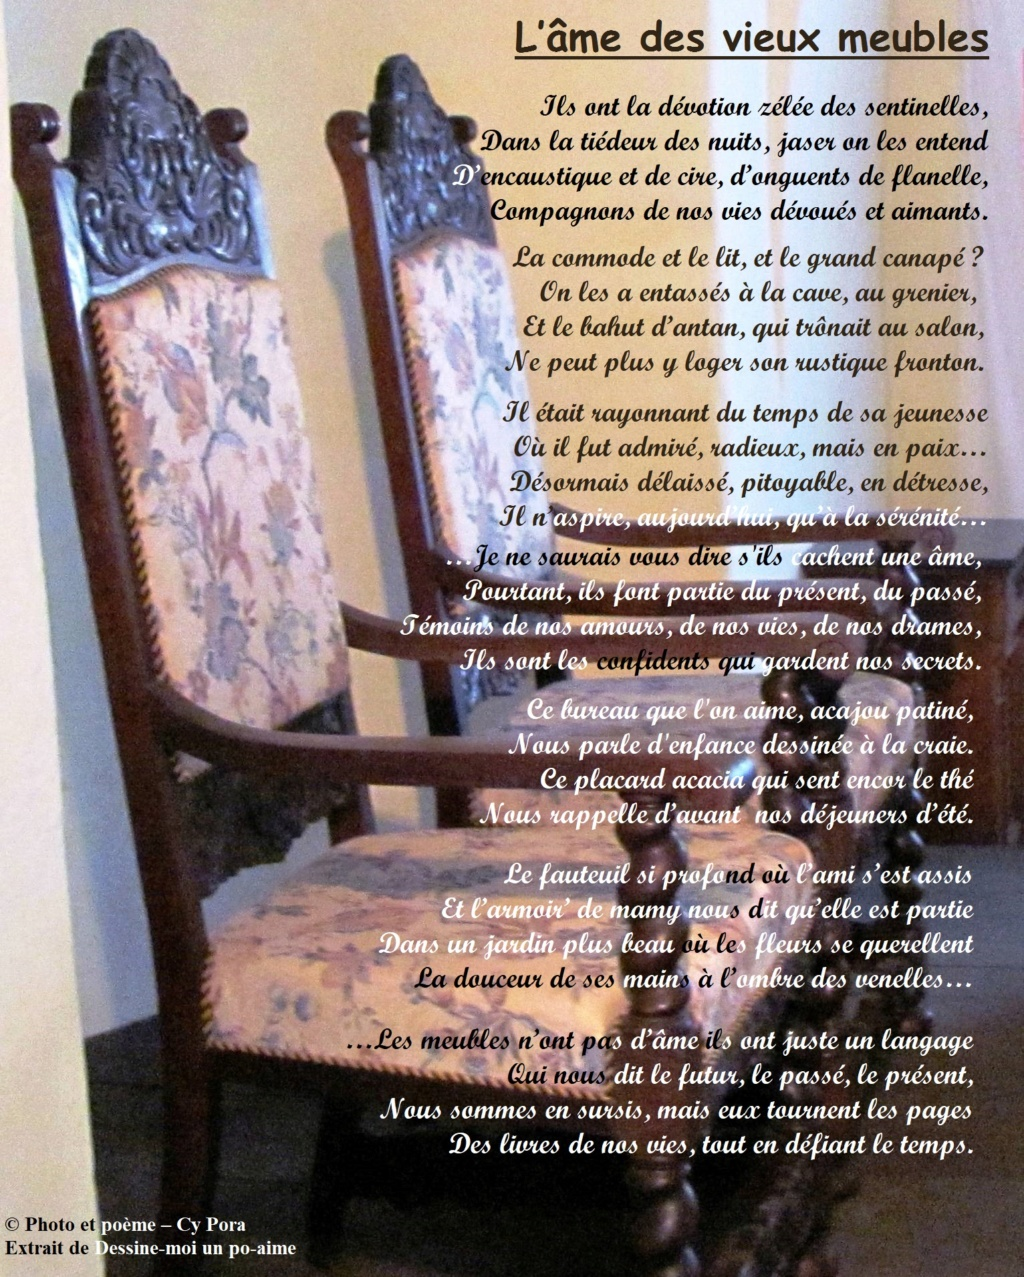 L'âme des vieux meubles L_ame_10